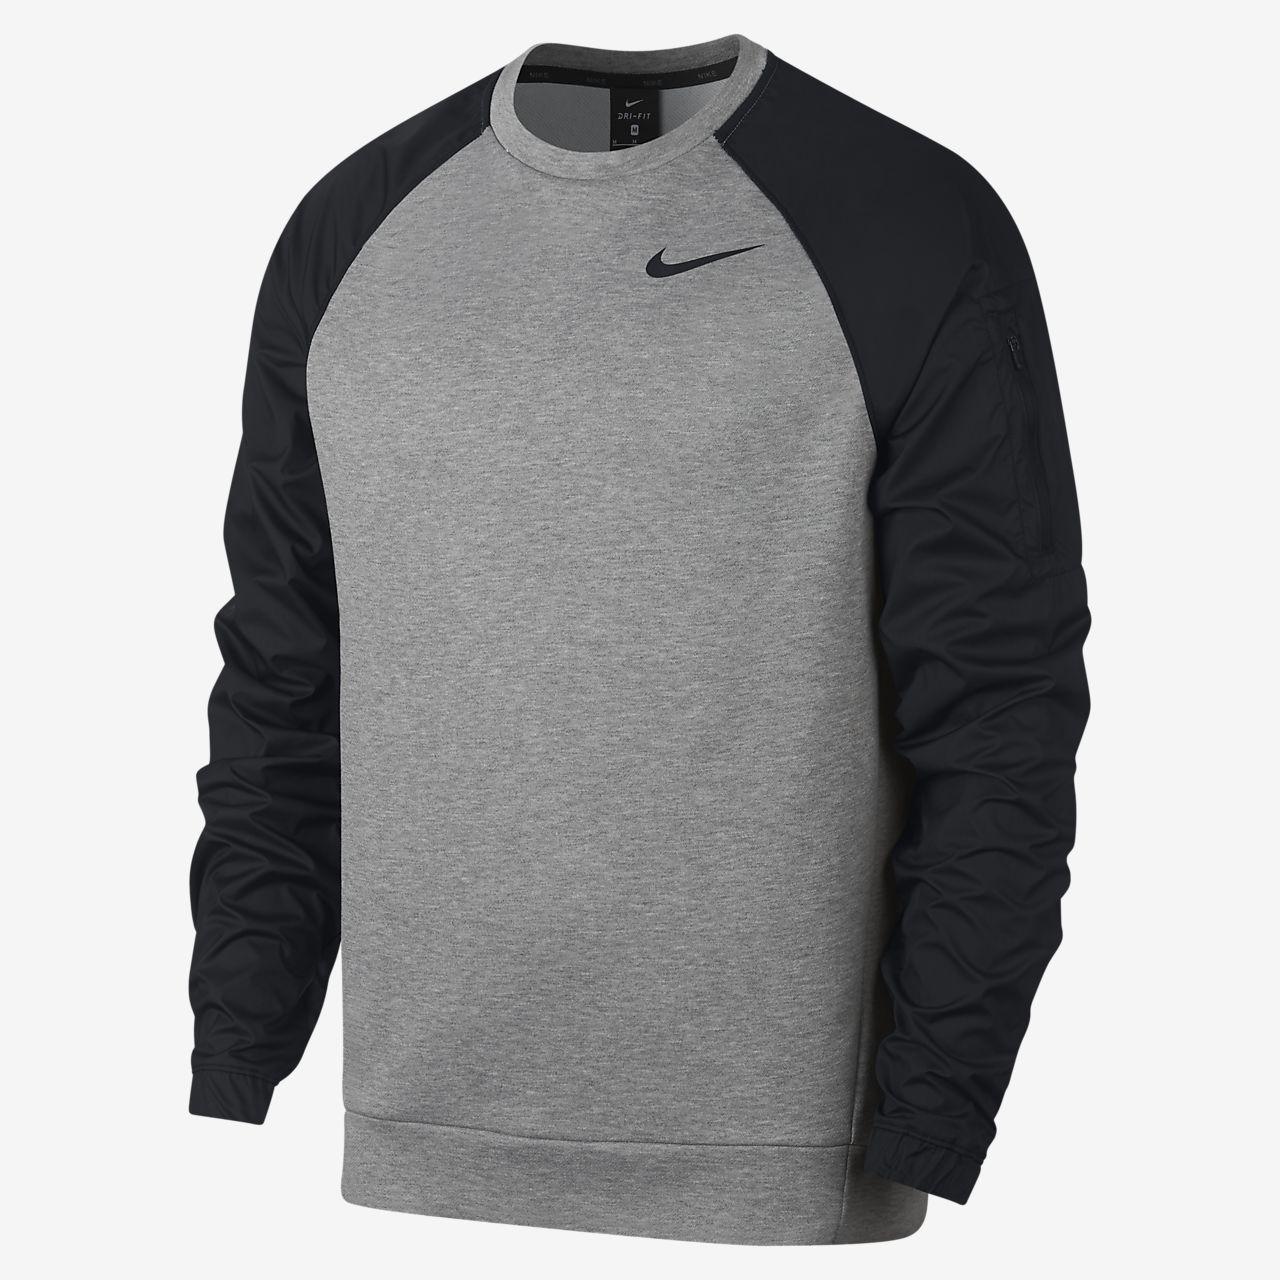 Nike Dri-FIT treningsoverdel til herre